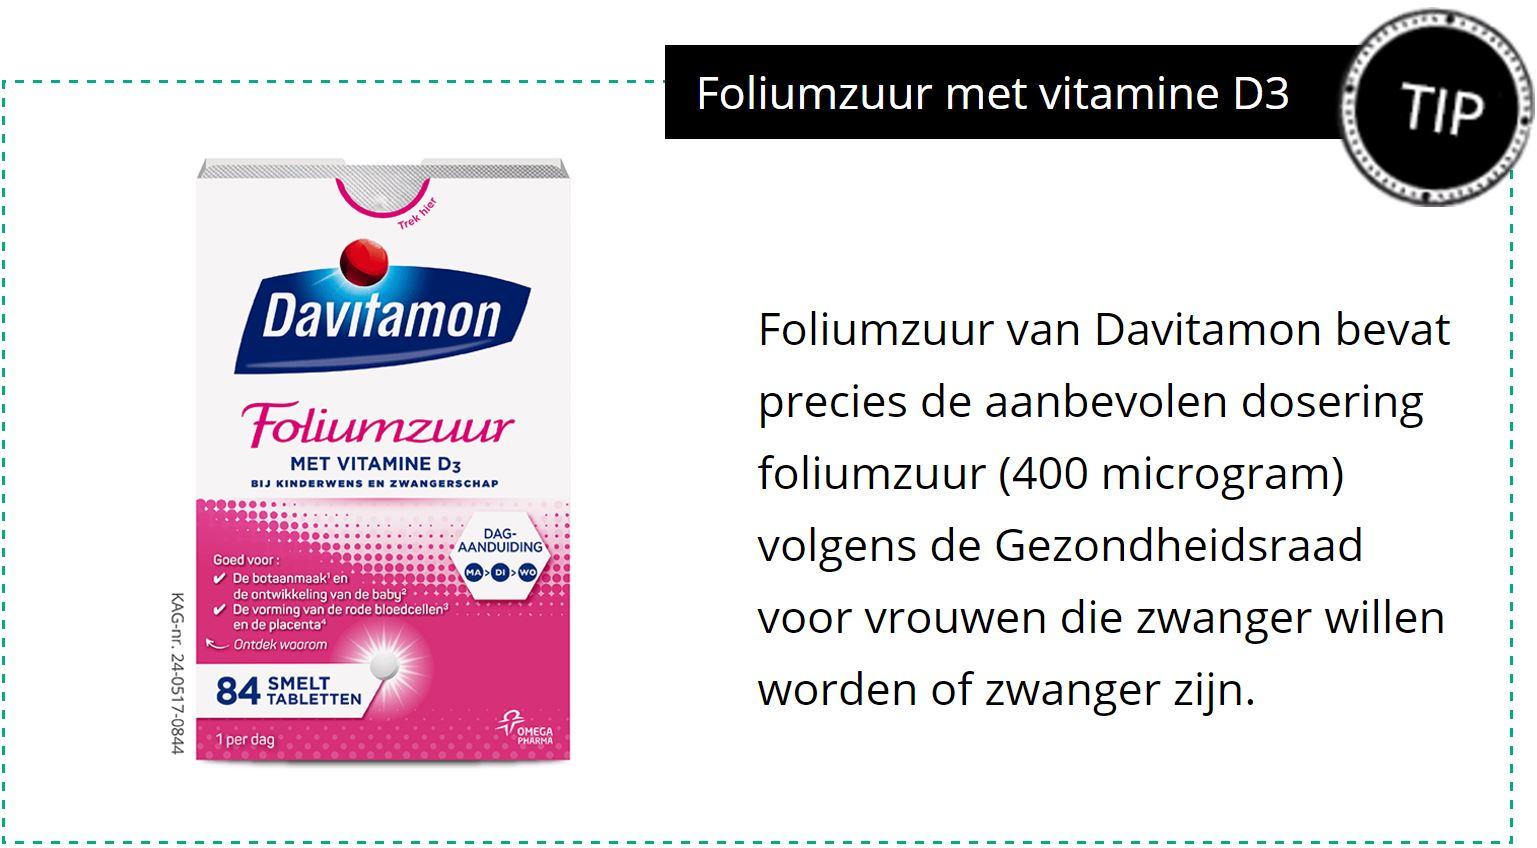 Foliumzuur met vitamine d3